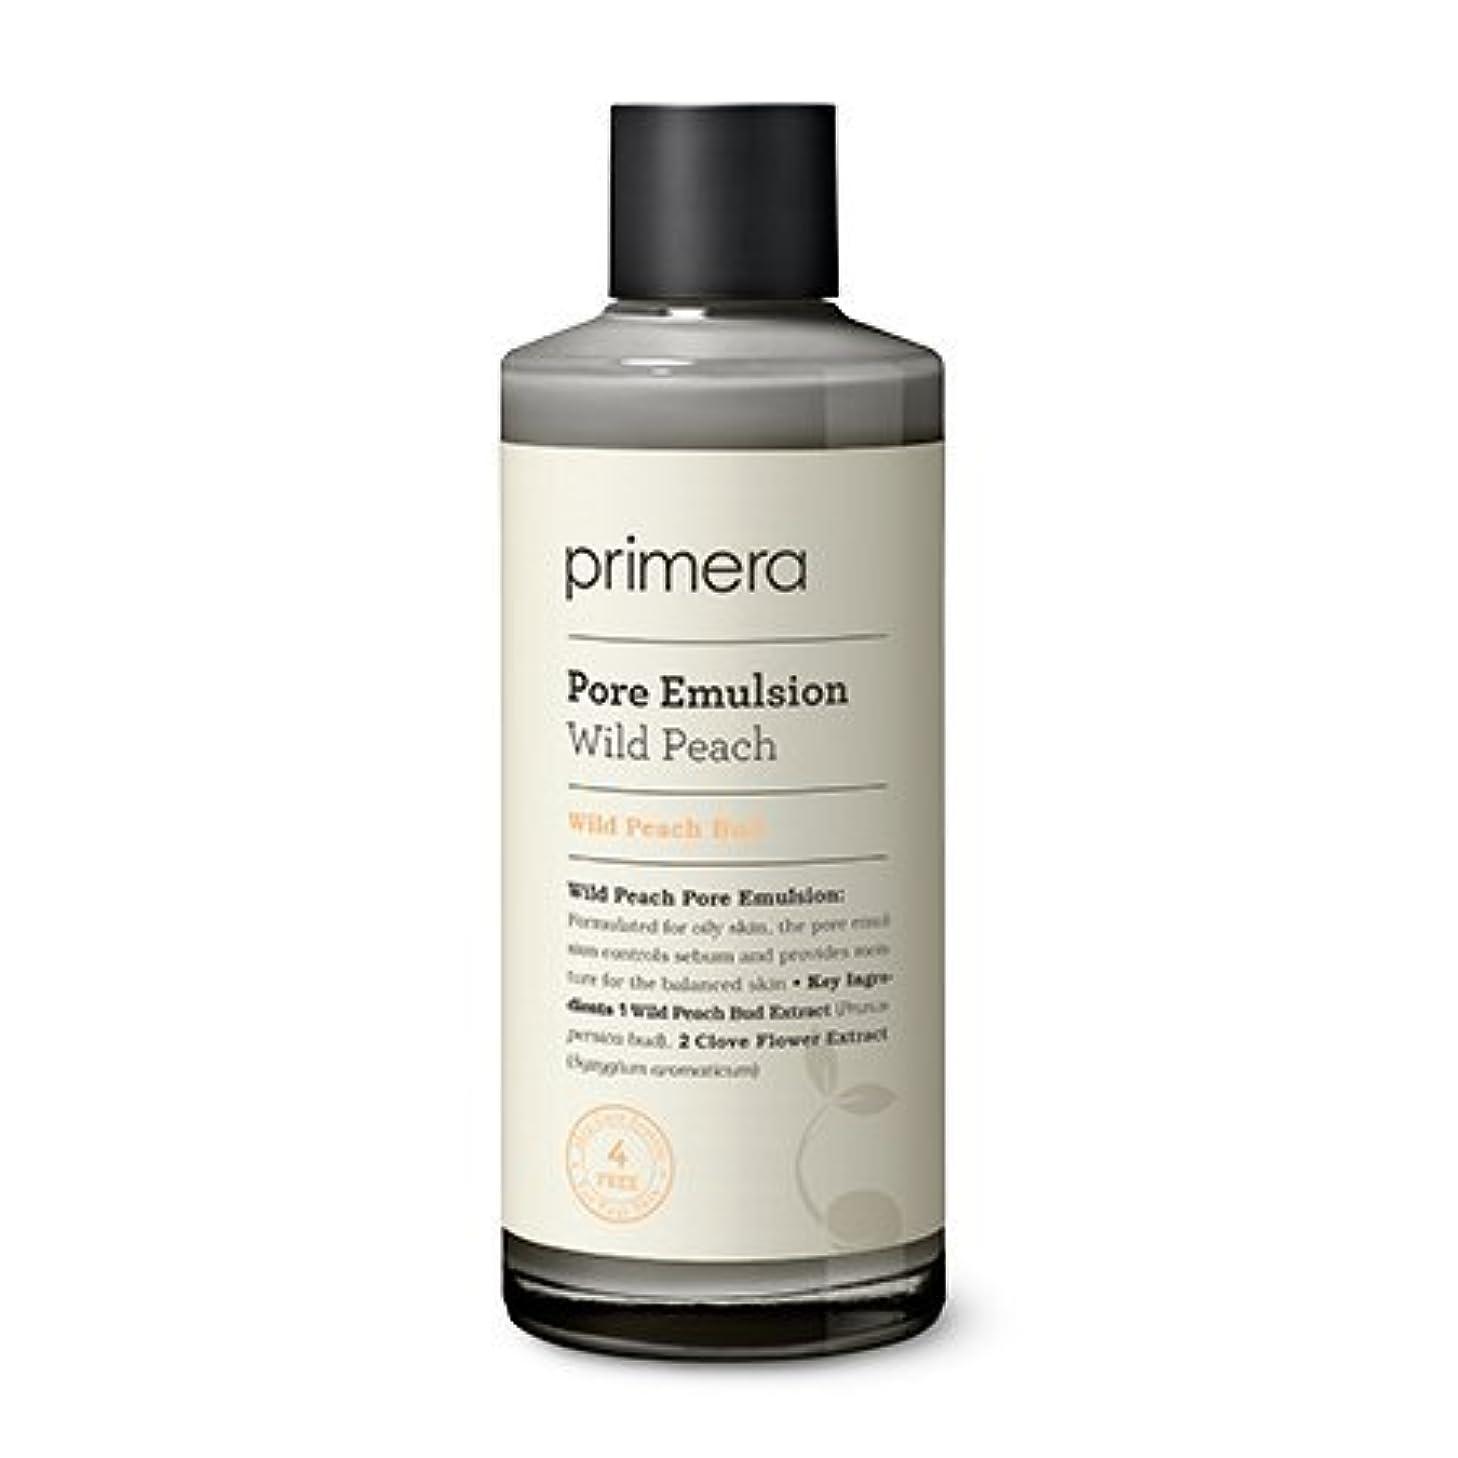 不器用雇用者指紋【Primera】Wild Peach Pore Emulsion - 150ml (韓国直送品) (SHOPPINGINSTAGRAM)